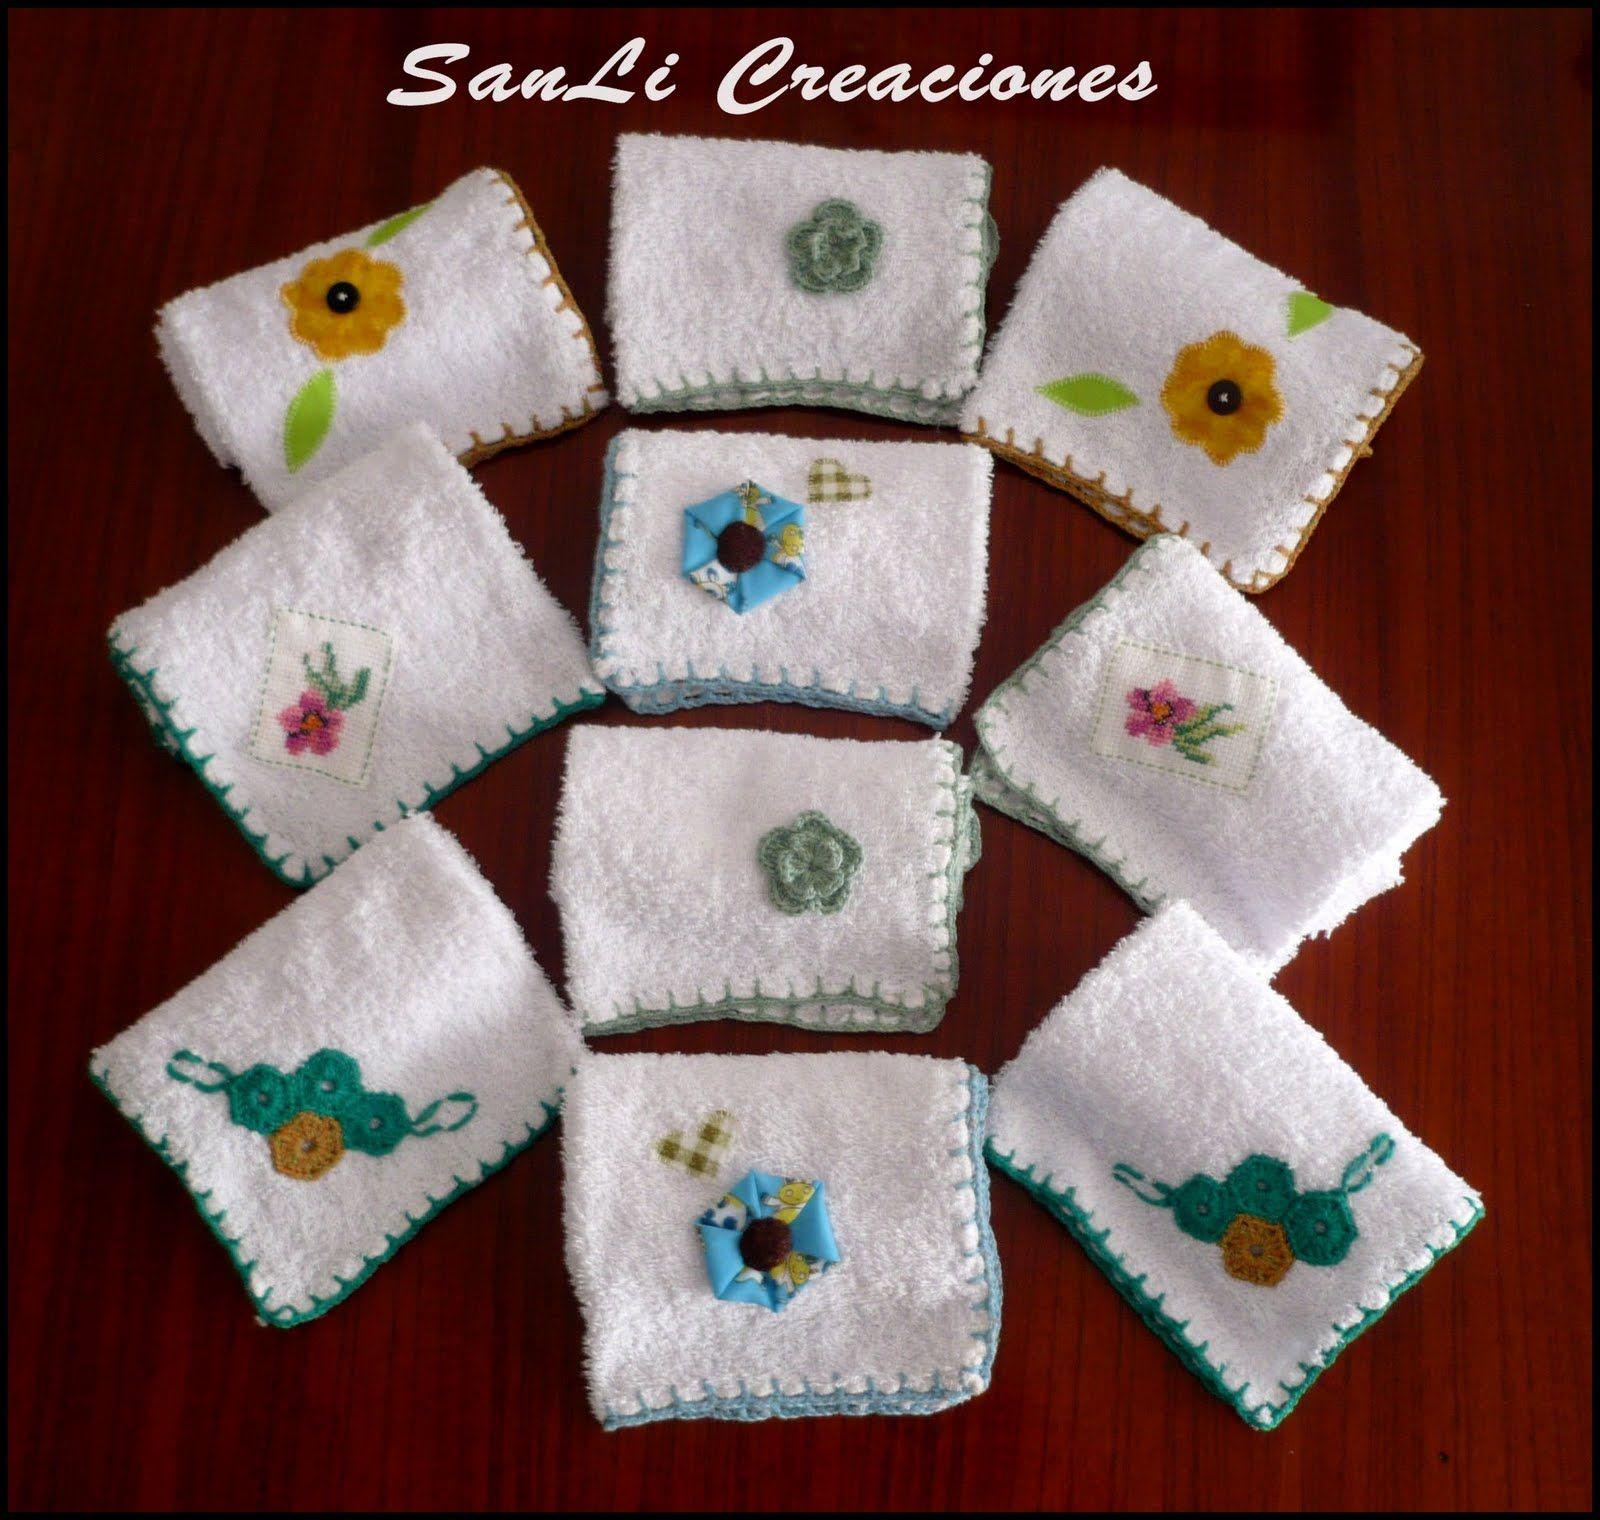 Sanli creaciones toallas decoradas decoraci n de casita - Decoracion con toallas ...